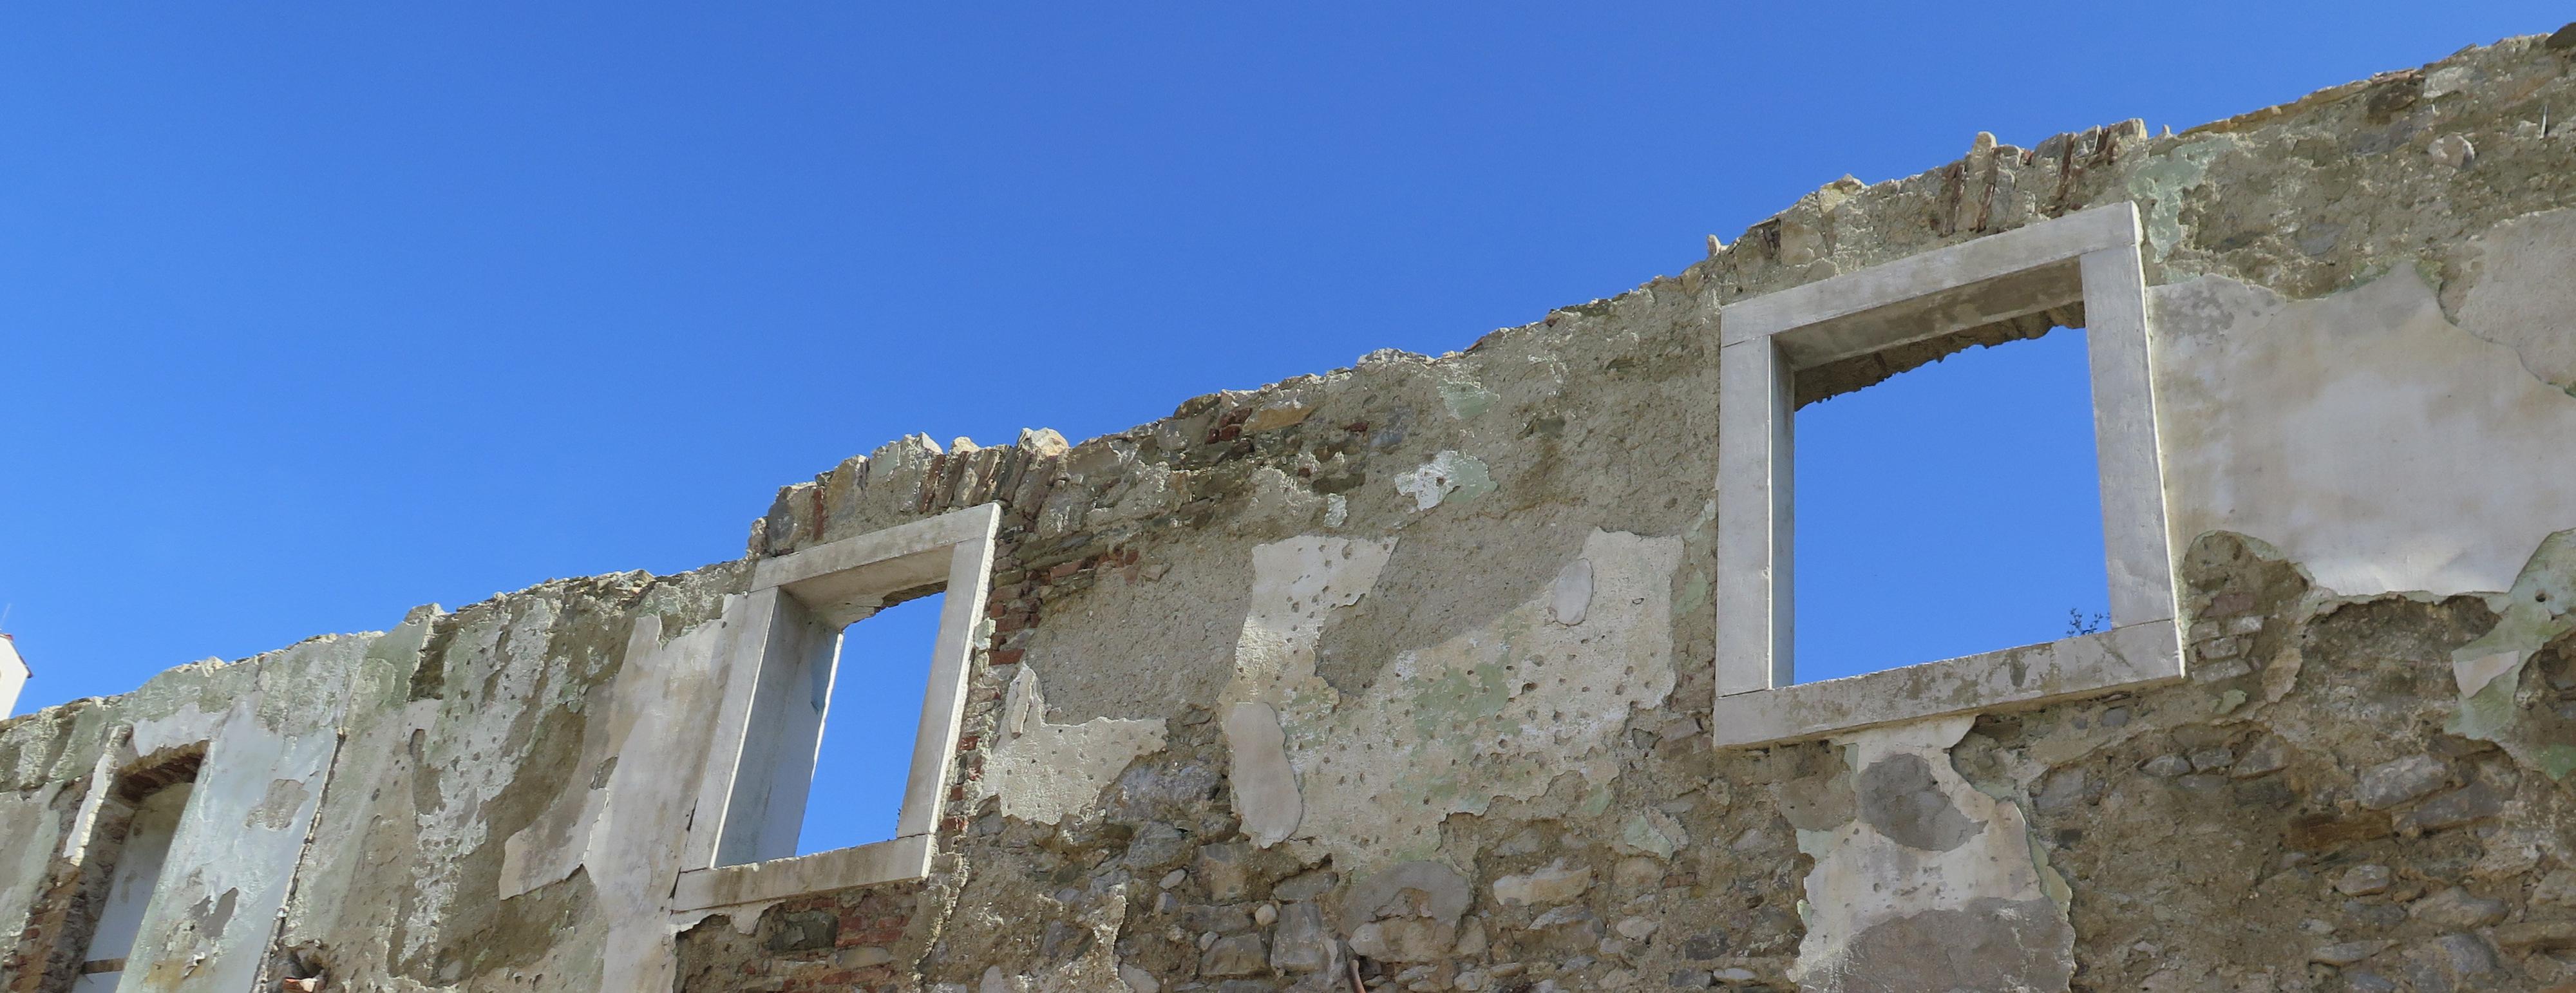 Obnova-stare-stavbe-dvorca-graščine